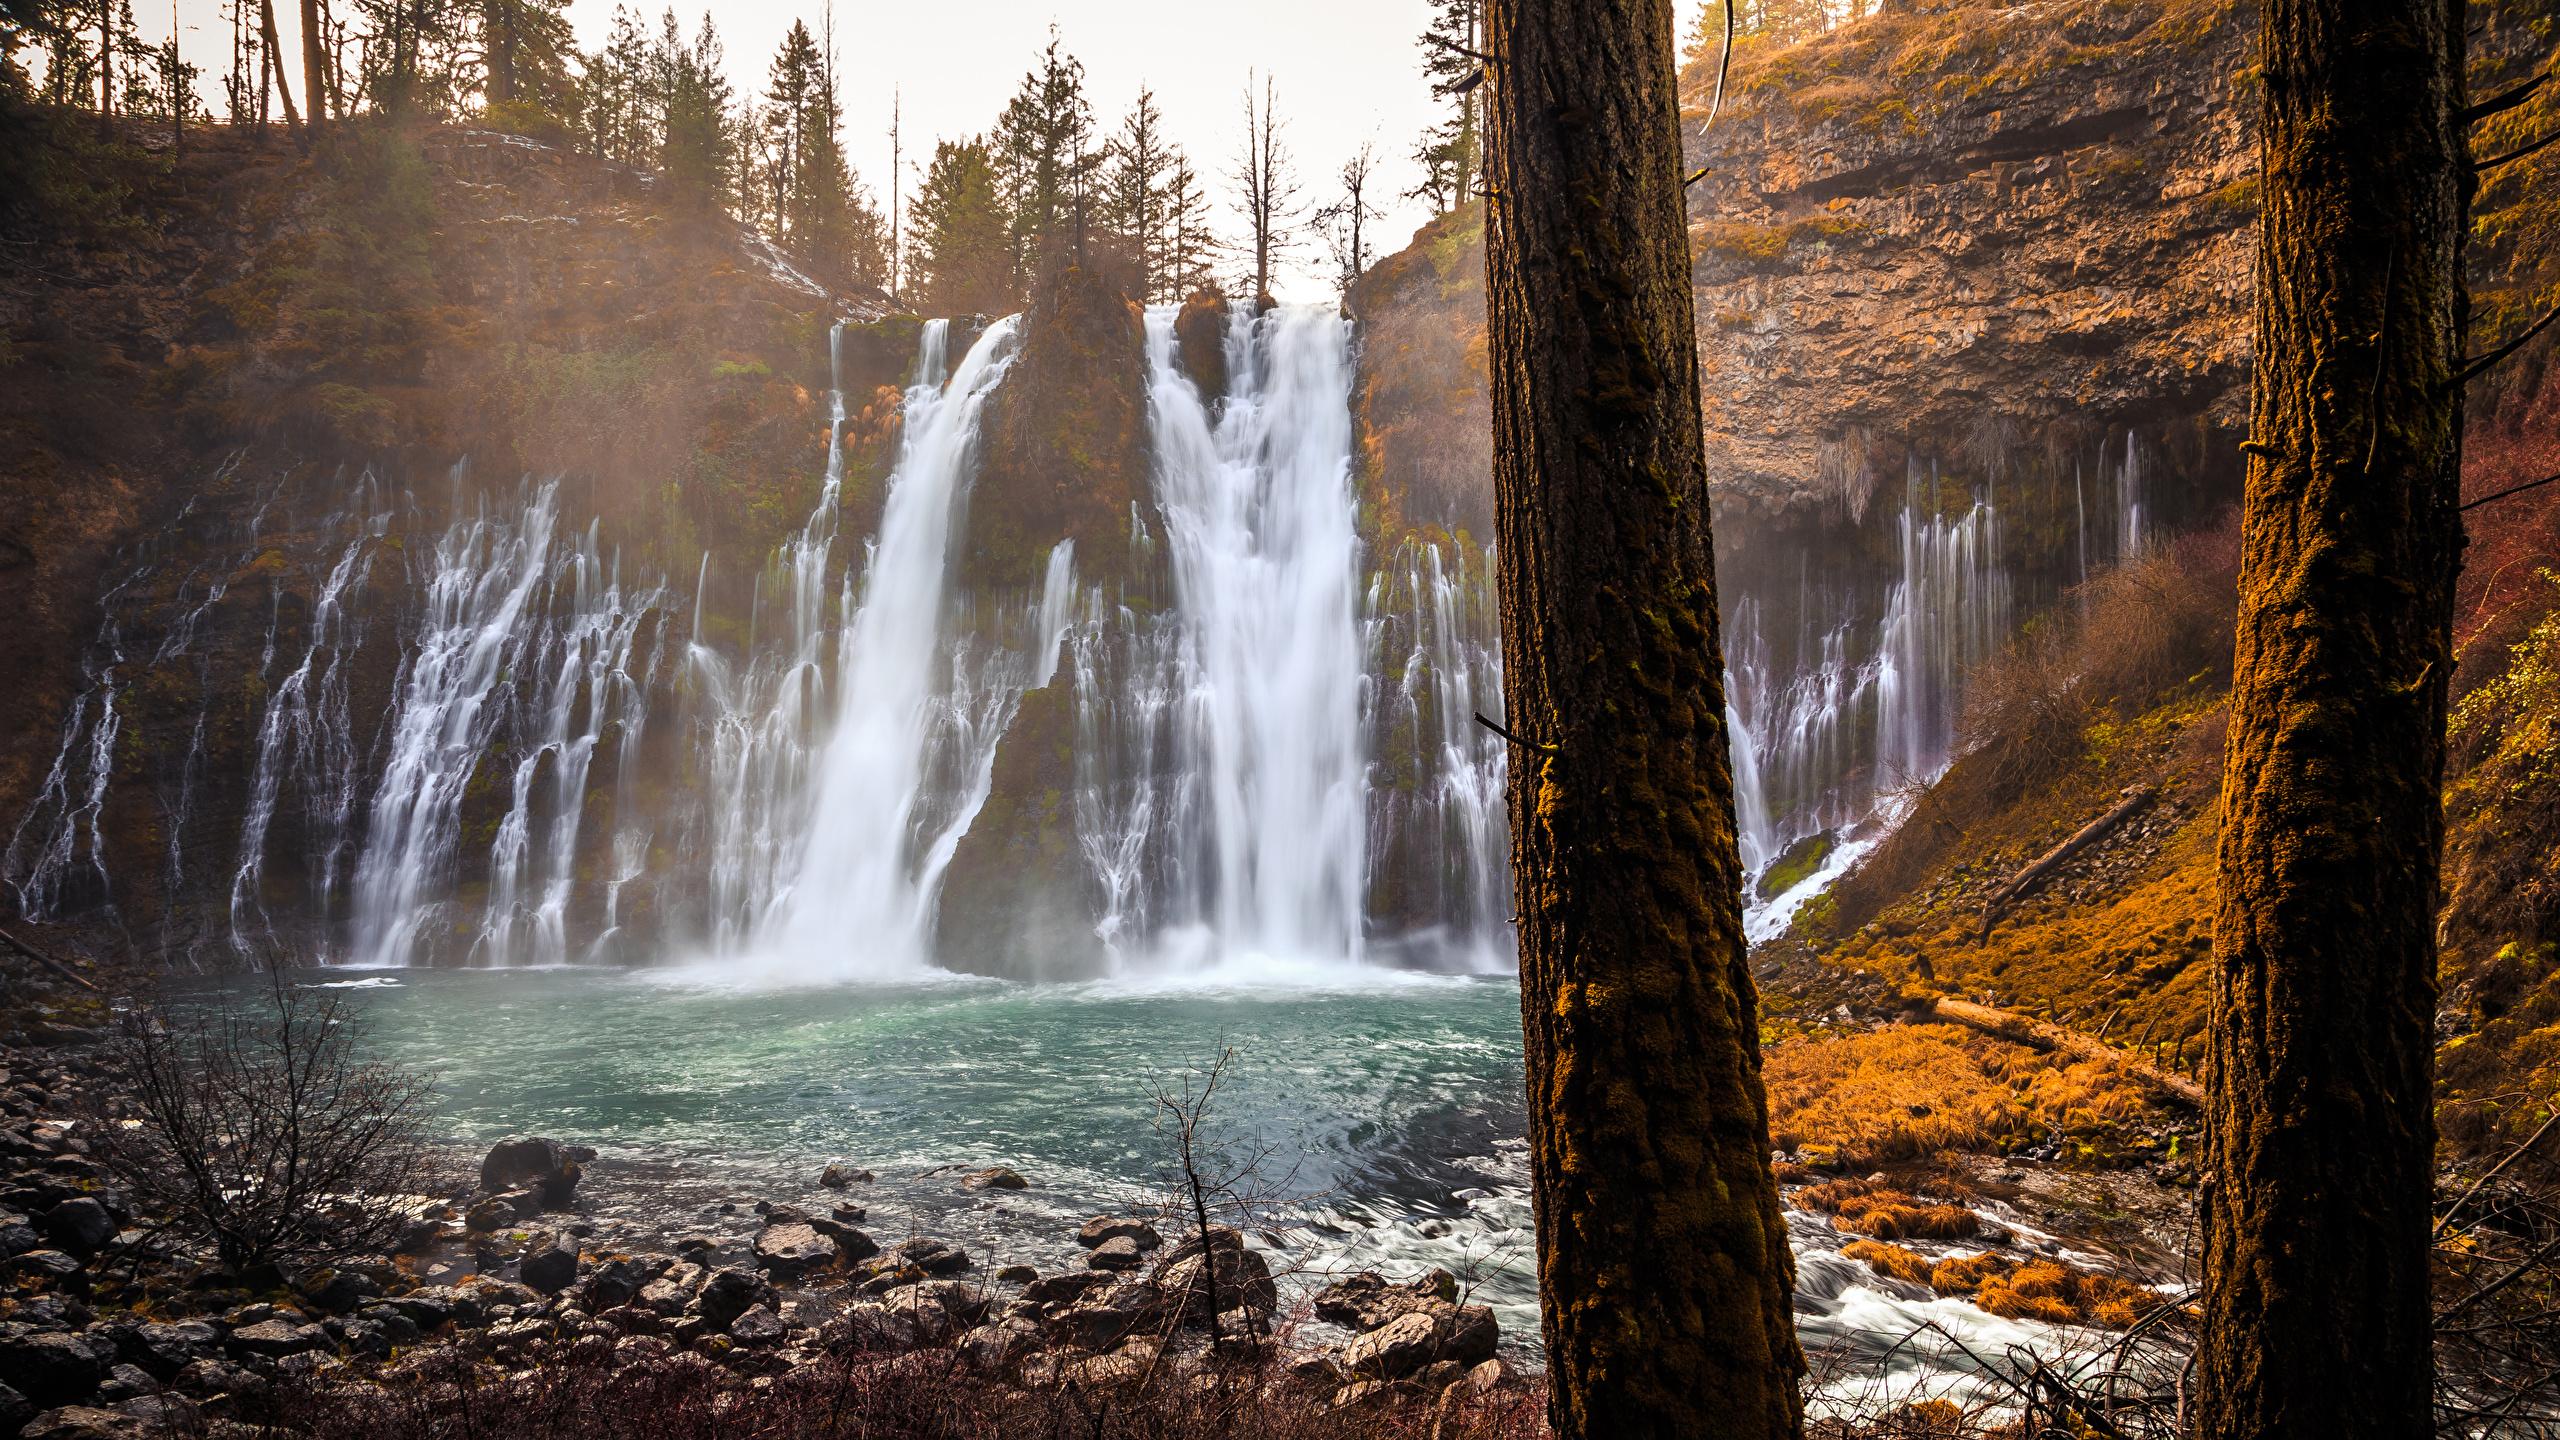 Картинки калифорнии штаты McArthur-Burney Falls Memorial State Park Скала Осень Природа Водопады Ствол дерева 2560x1440 Калифорния США Утес скалы скале осенние